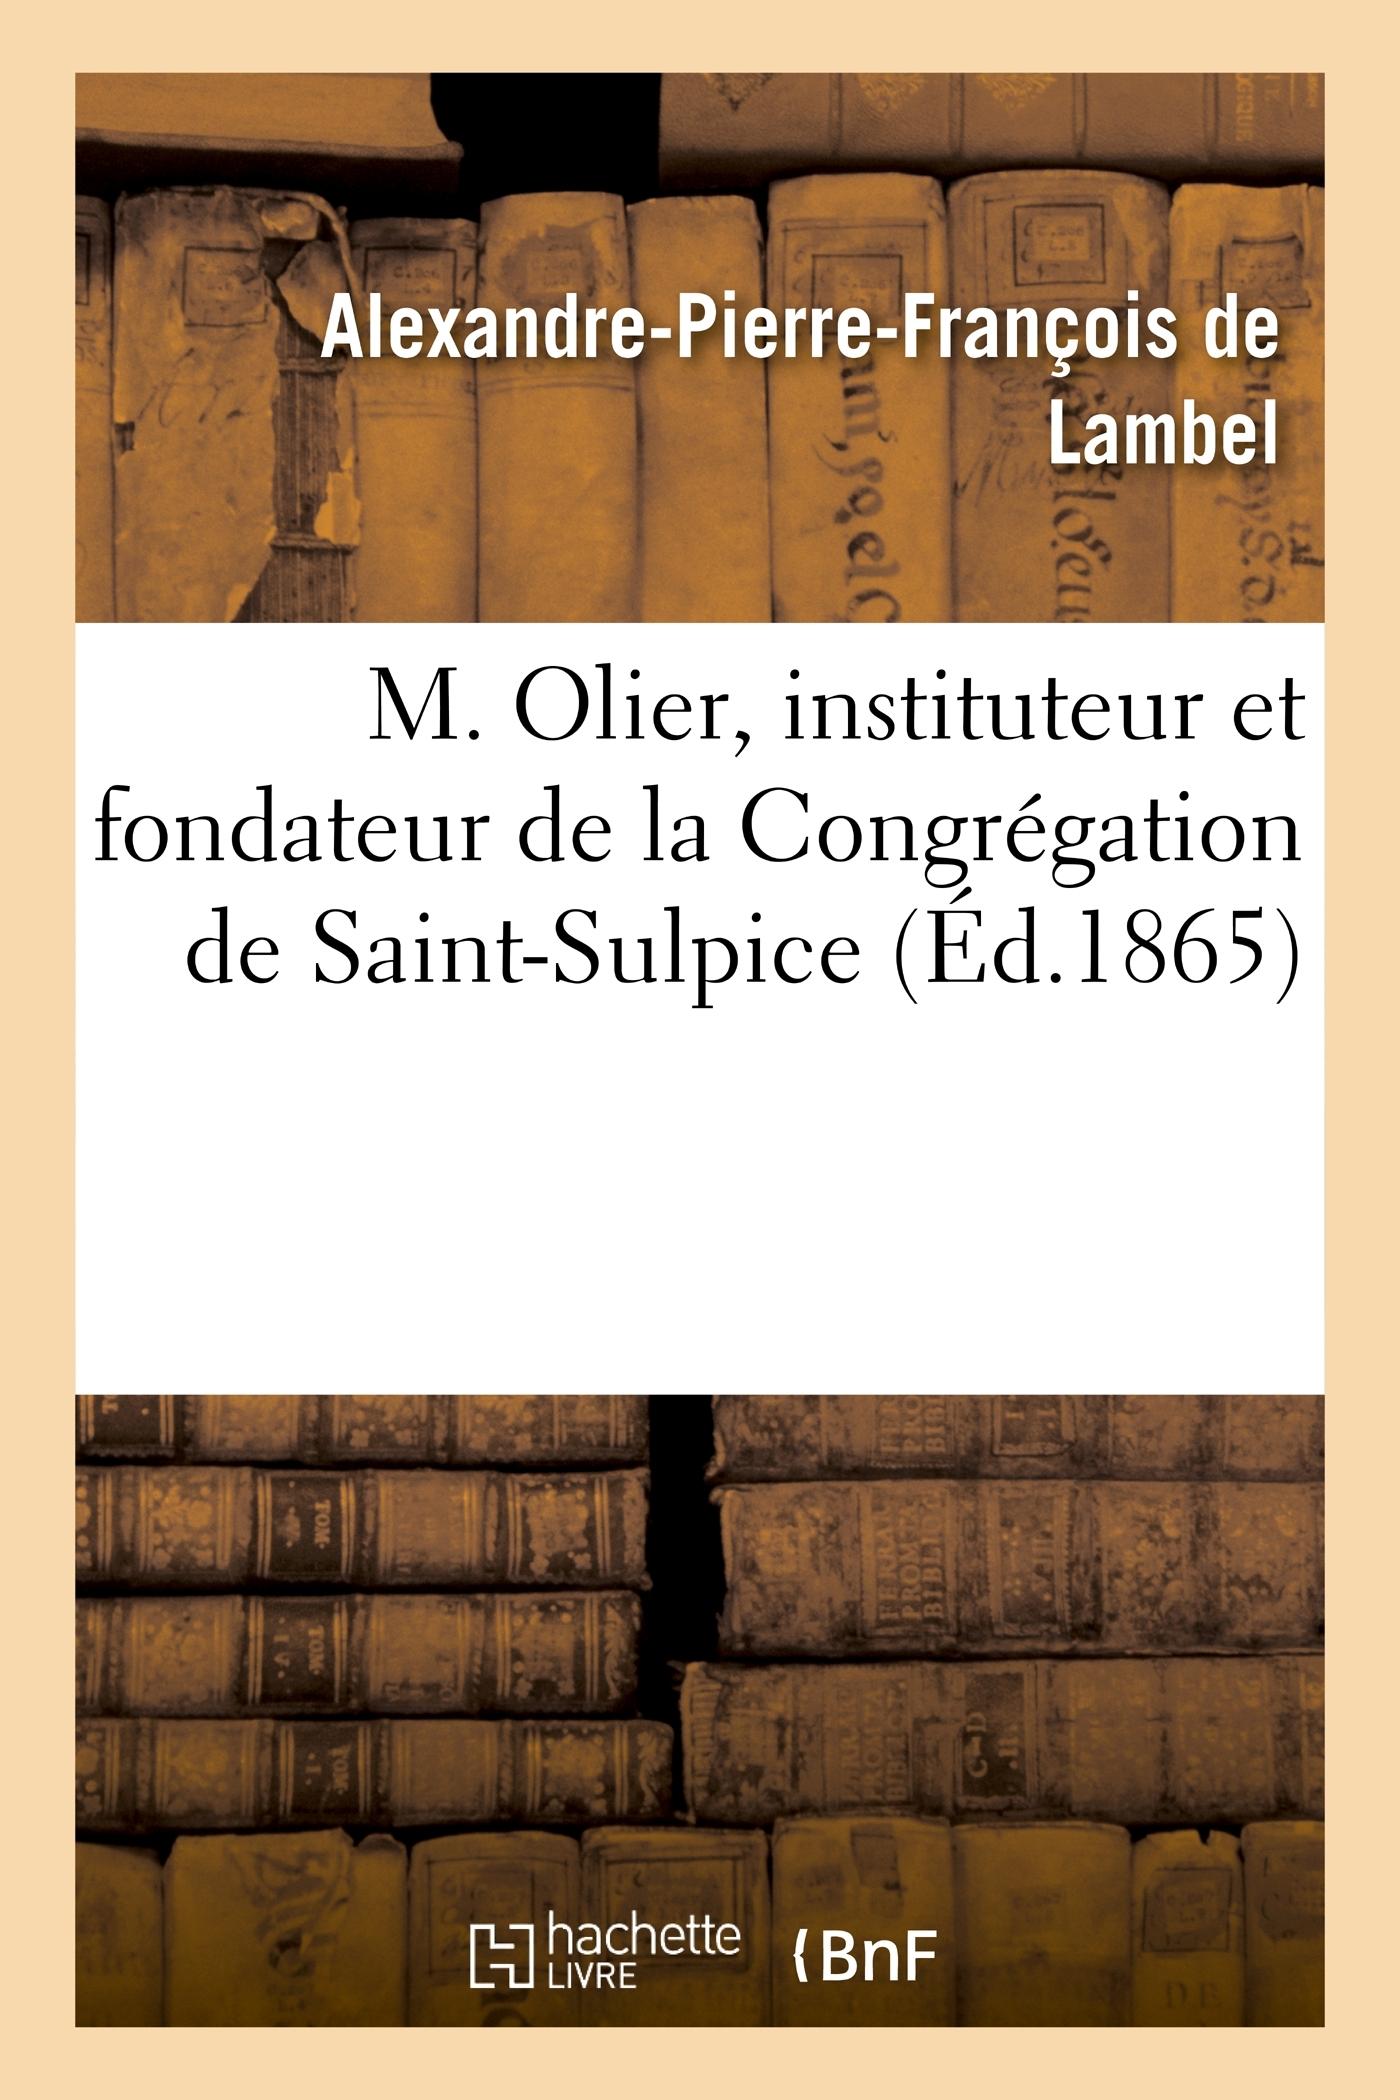 M. OLIER, INSTITUTEUR ET FONDATEUR DE LA CONGREGATION DE SAINT-SULPICE